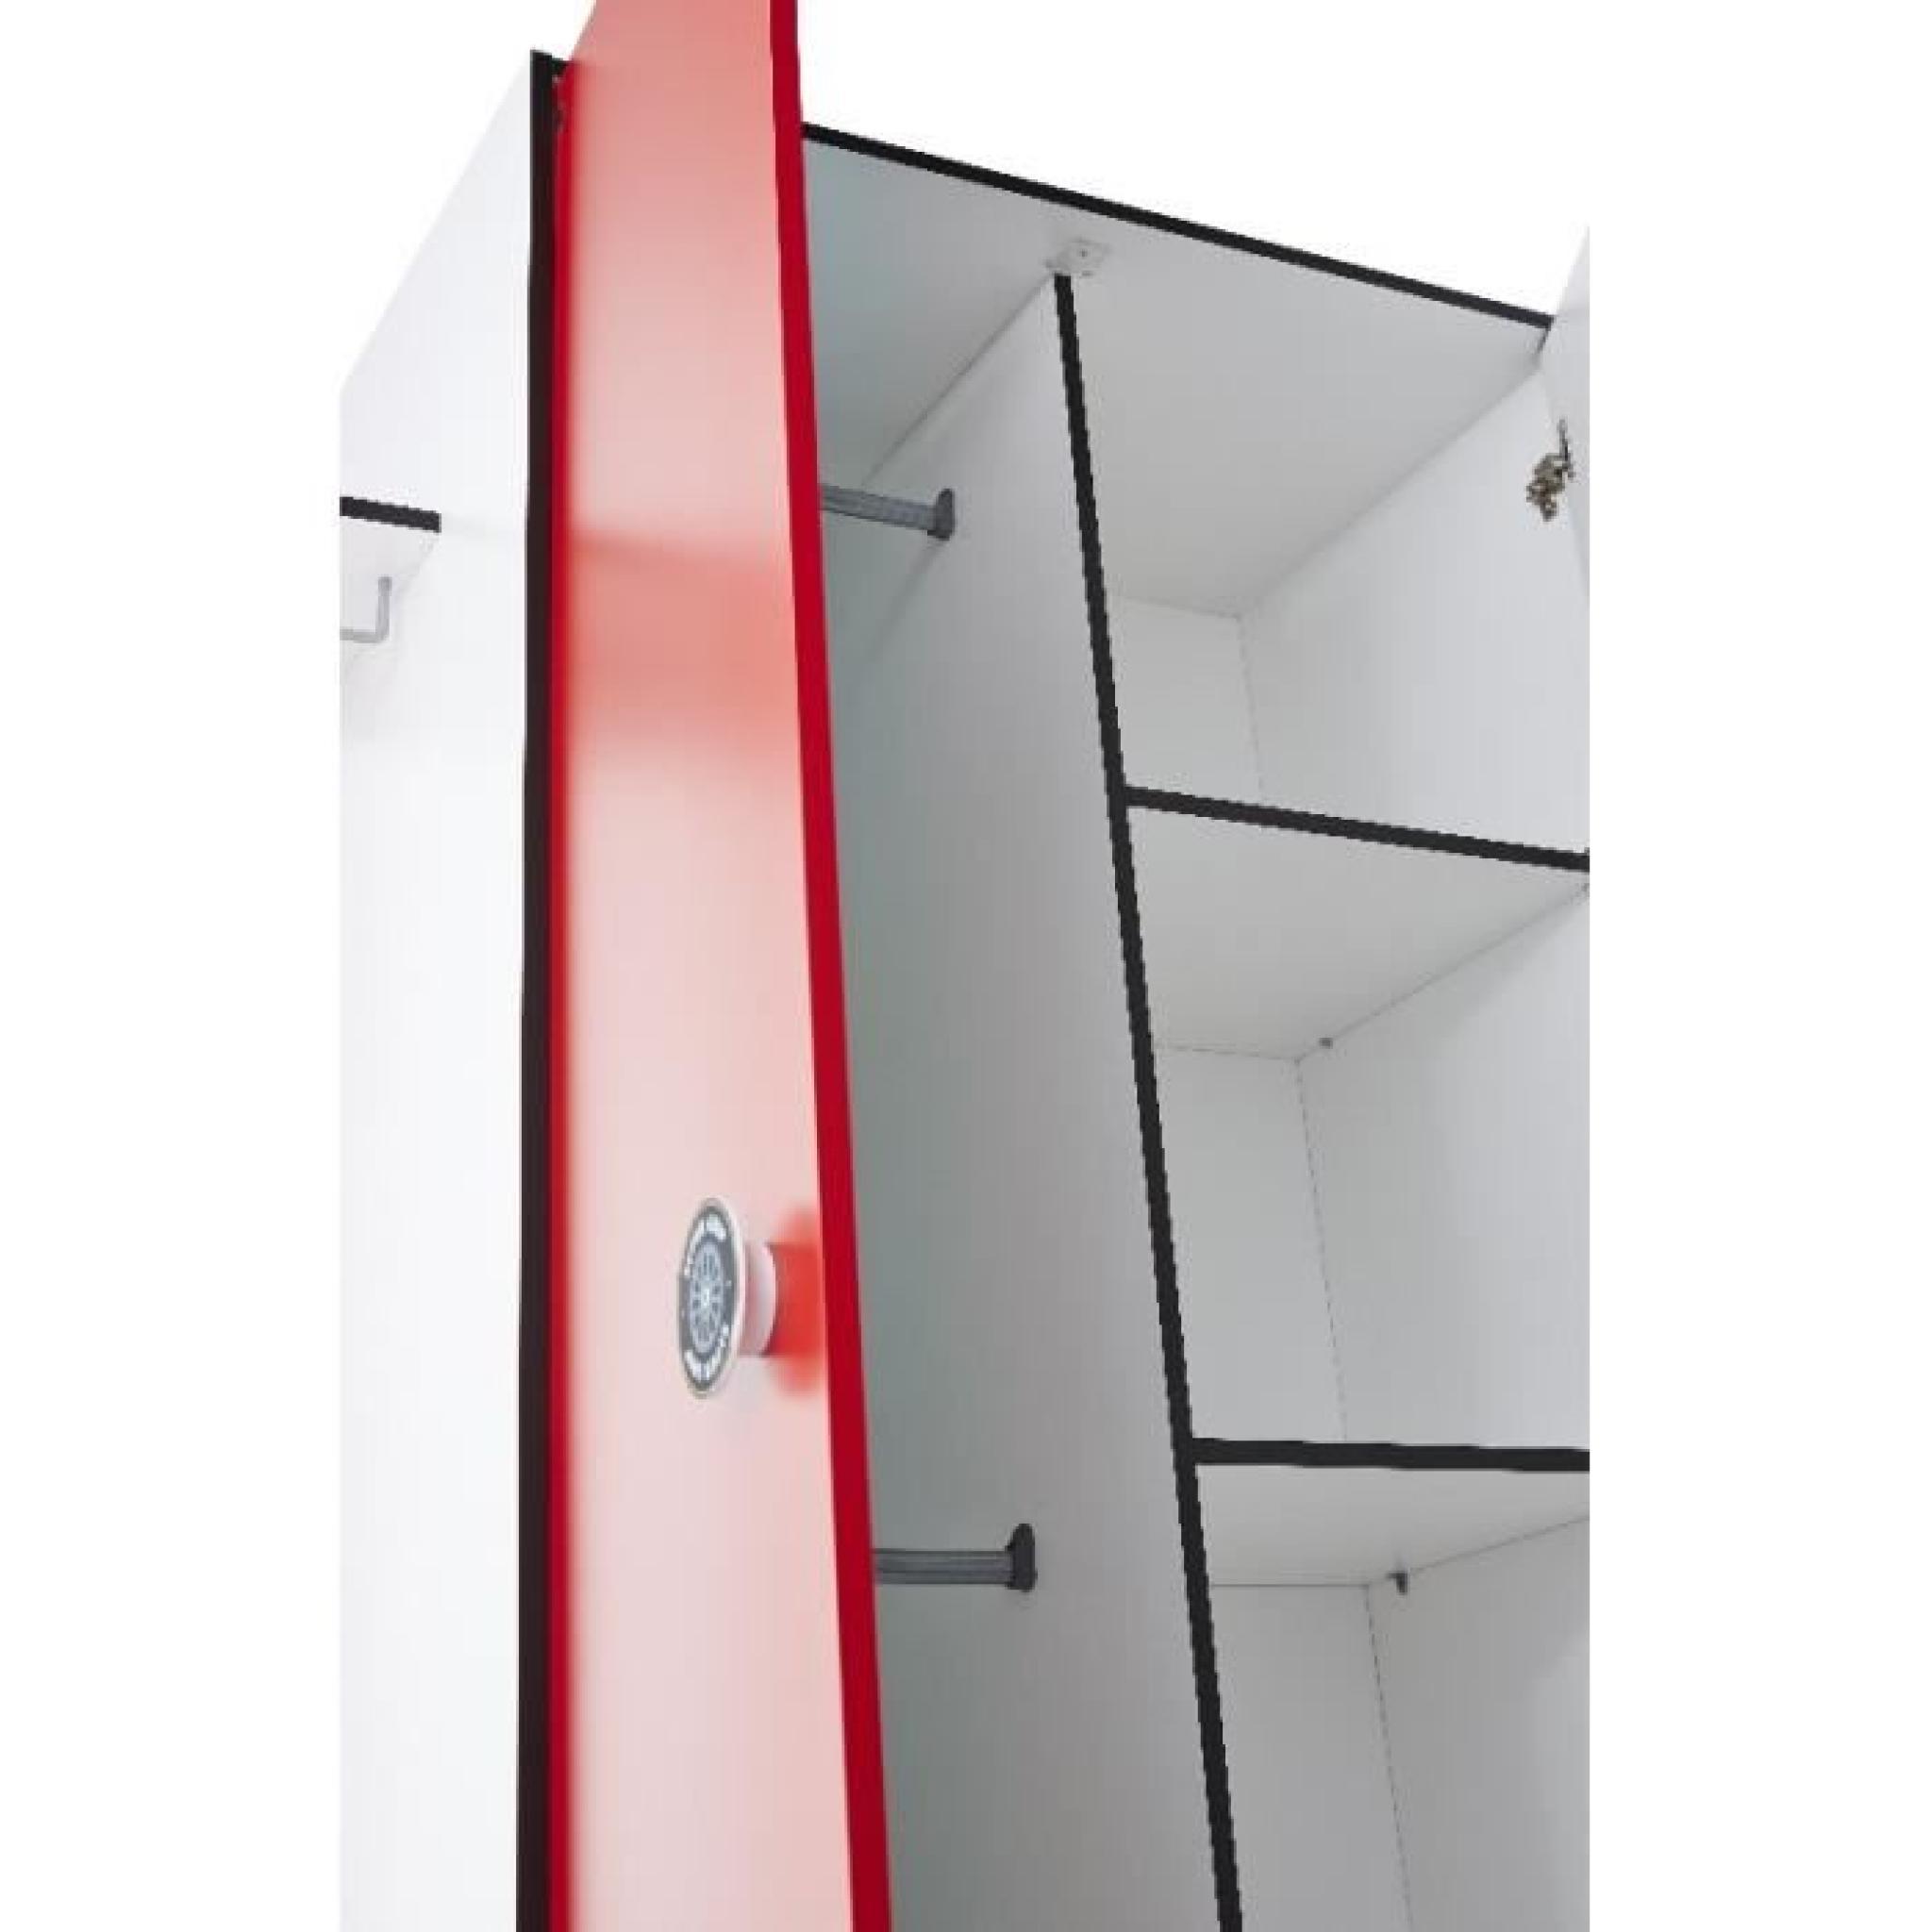 armoire 2 portes rally rouge et blanc achat vente armoire de chambre pas cher couleur et. Black Bedroom Furniture Sets. Home Design Ideas